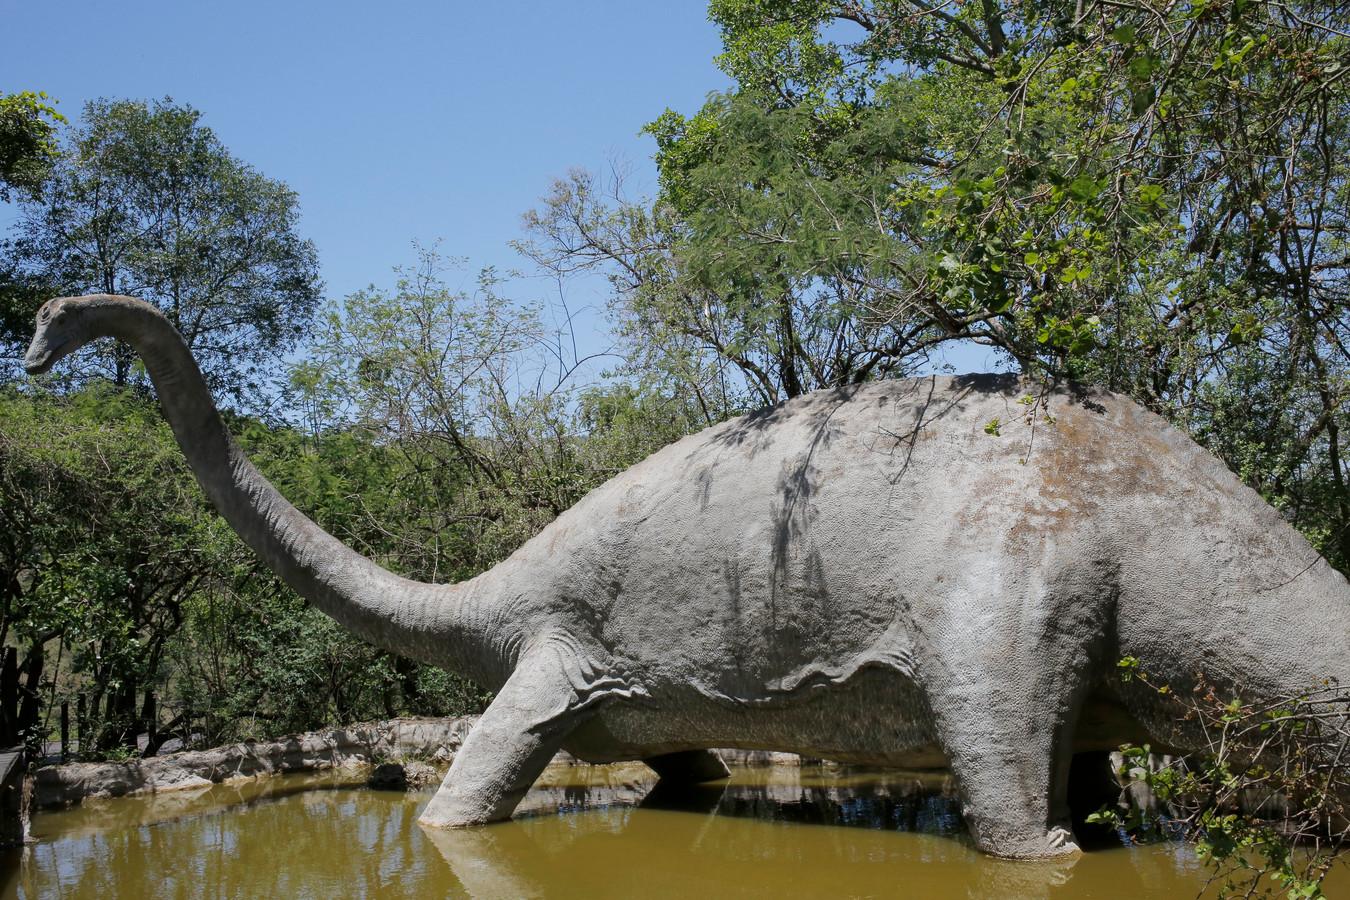 Een dinomodel in het Sudwala Caves Dinosaur park bij Machadodorp in Zuid-Afrika.